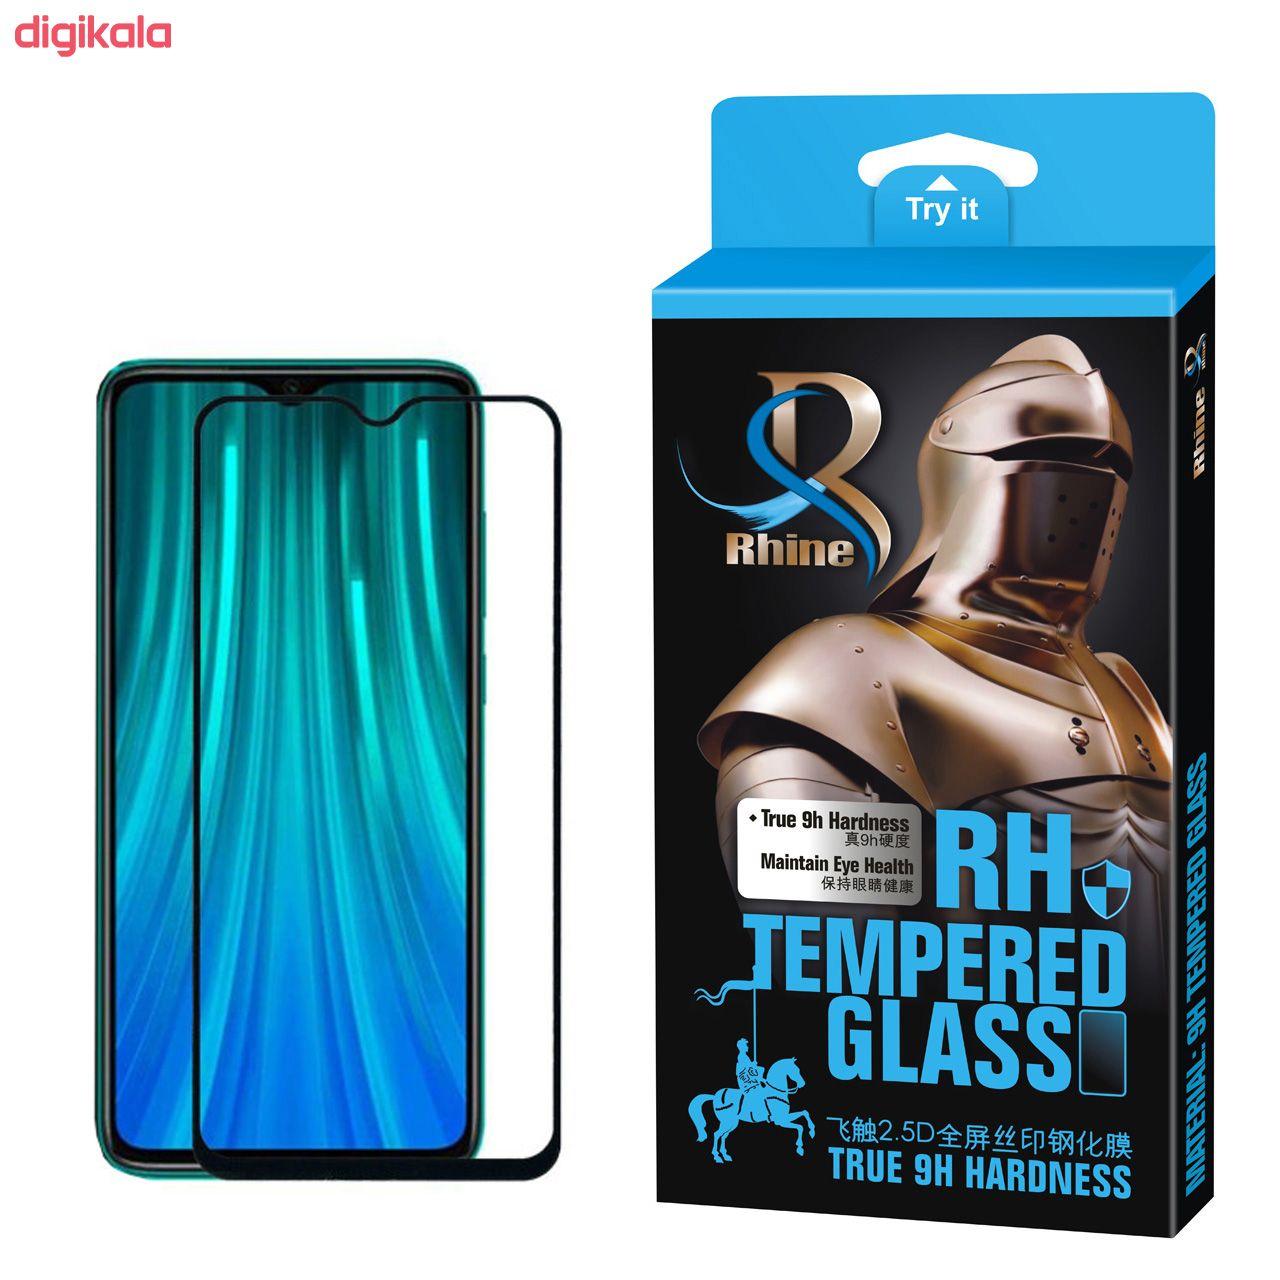 محافظ صفحه نمایش 9D راین مدل R-9 مناسب برای گوشی موبایل شیائومی Redmi Note8 main 1 1